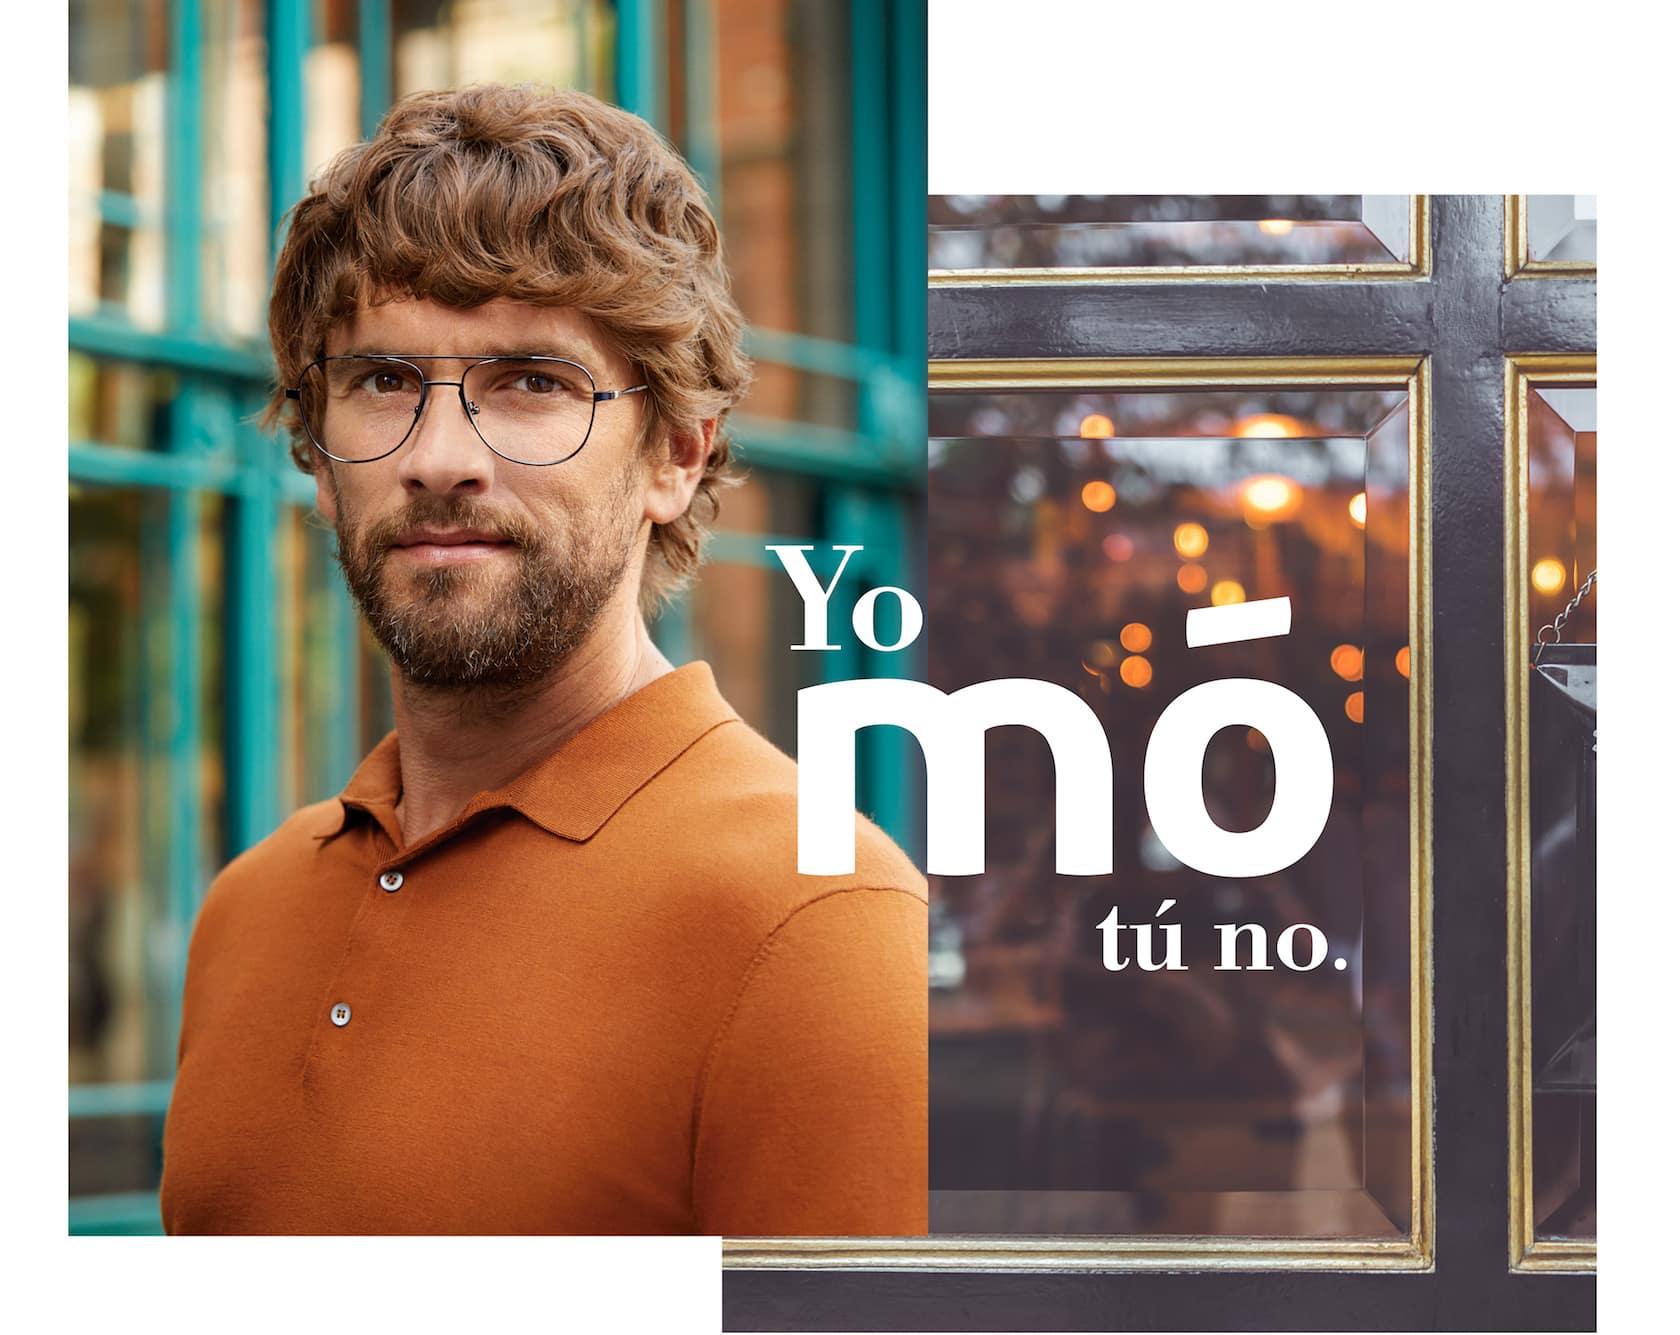 f70062a2dc Consúltalo en tu establecimiento) por 229€. Ambas gafas con la misma  graduación. Válido para una selección de monturas mó señaladas en el  establecimiento ...